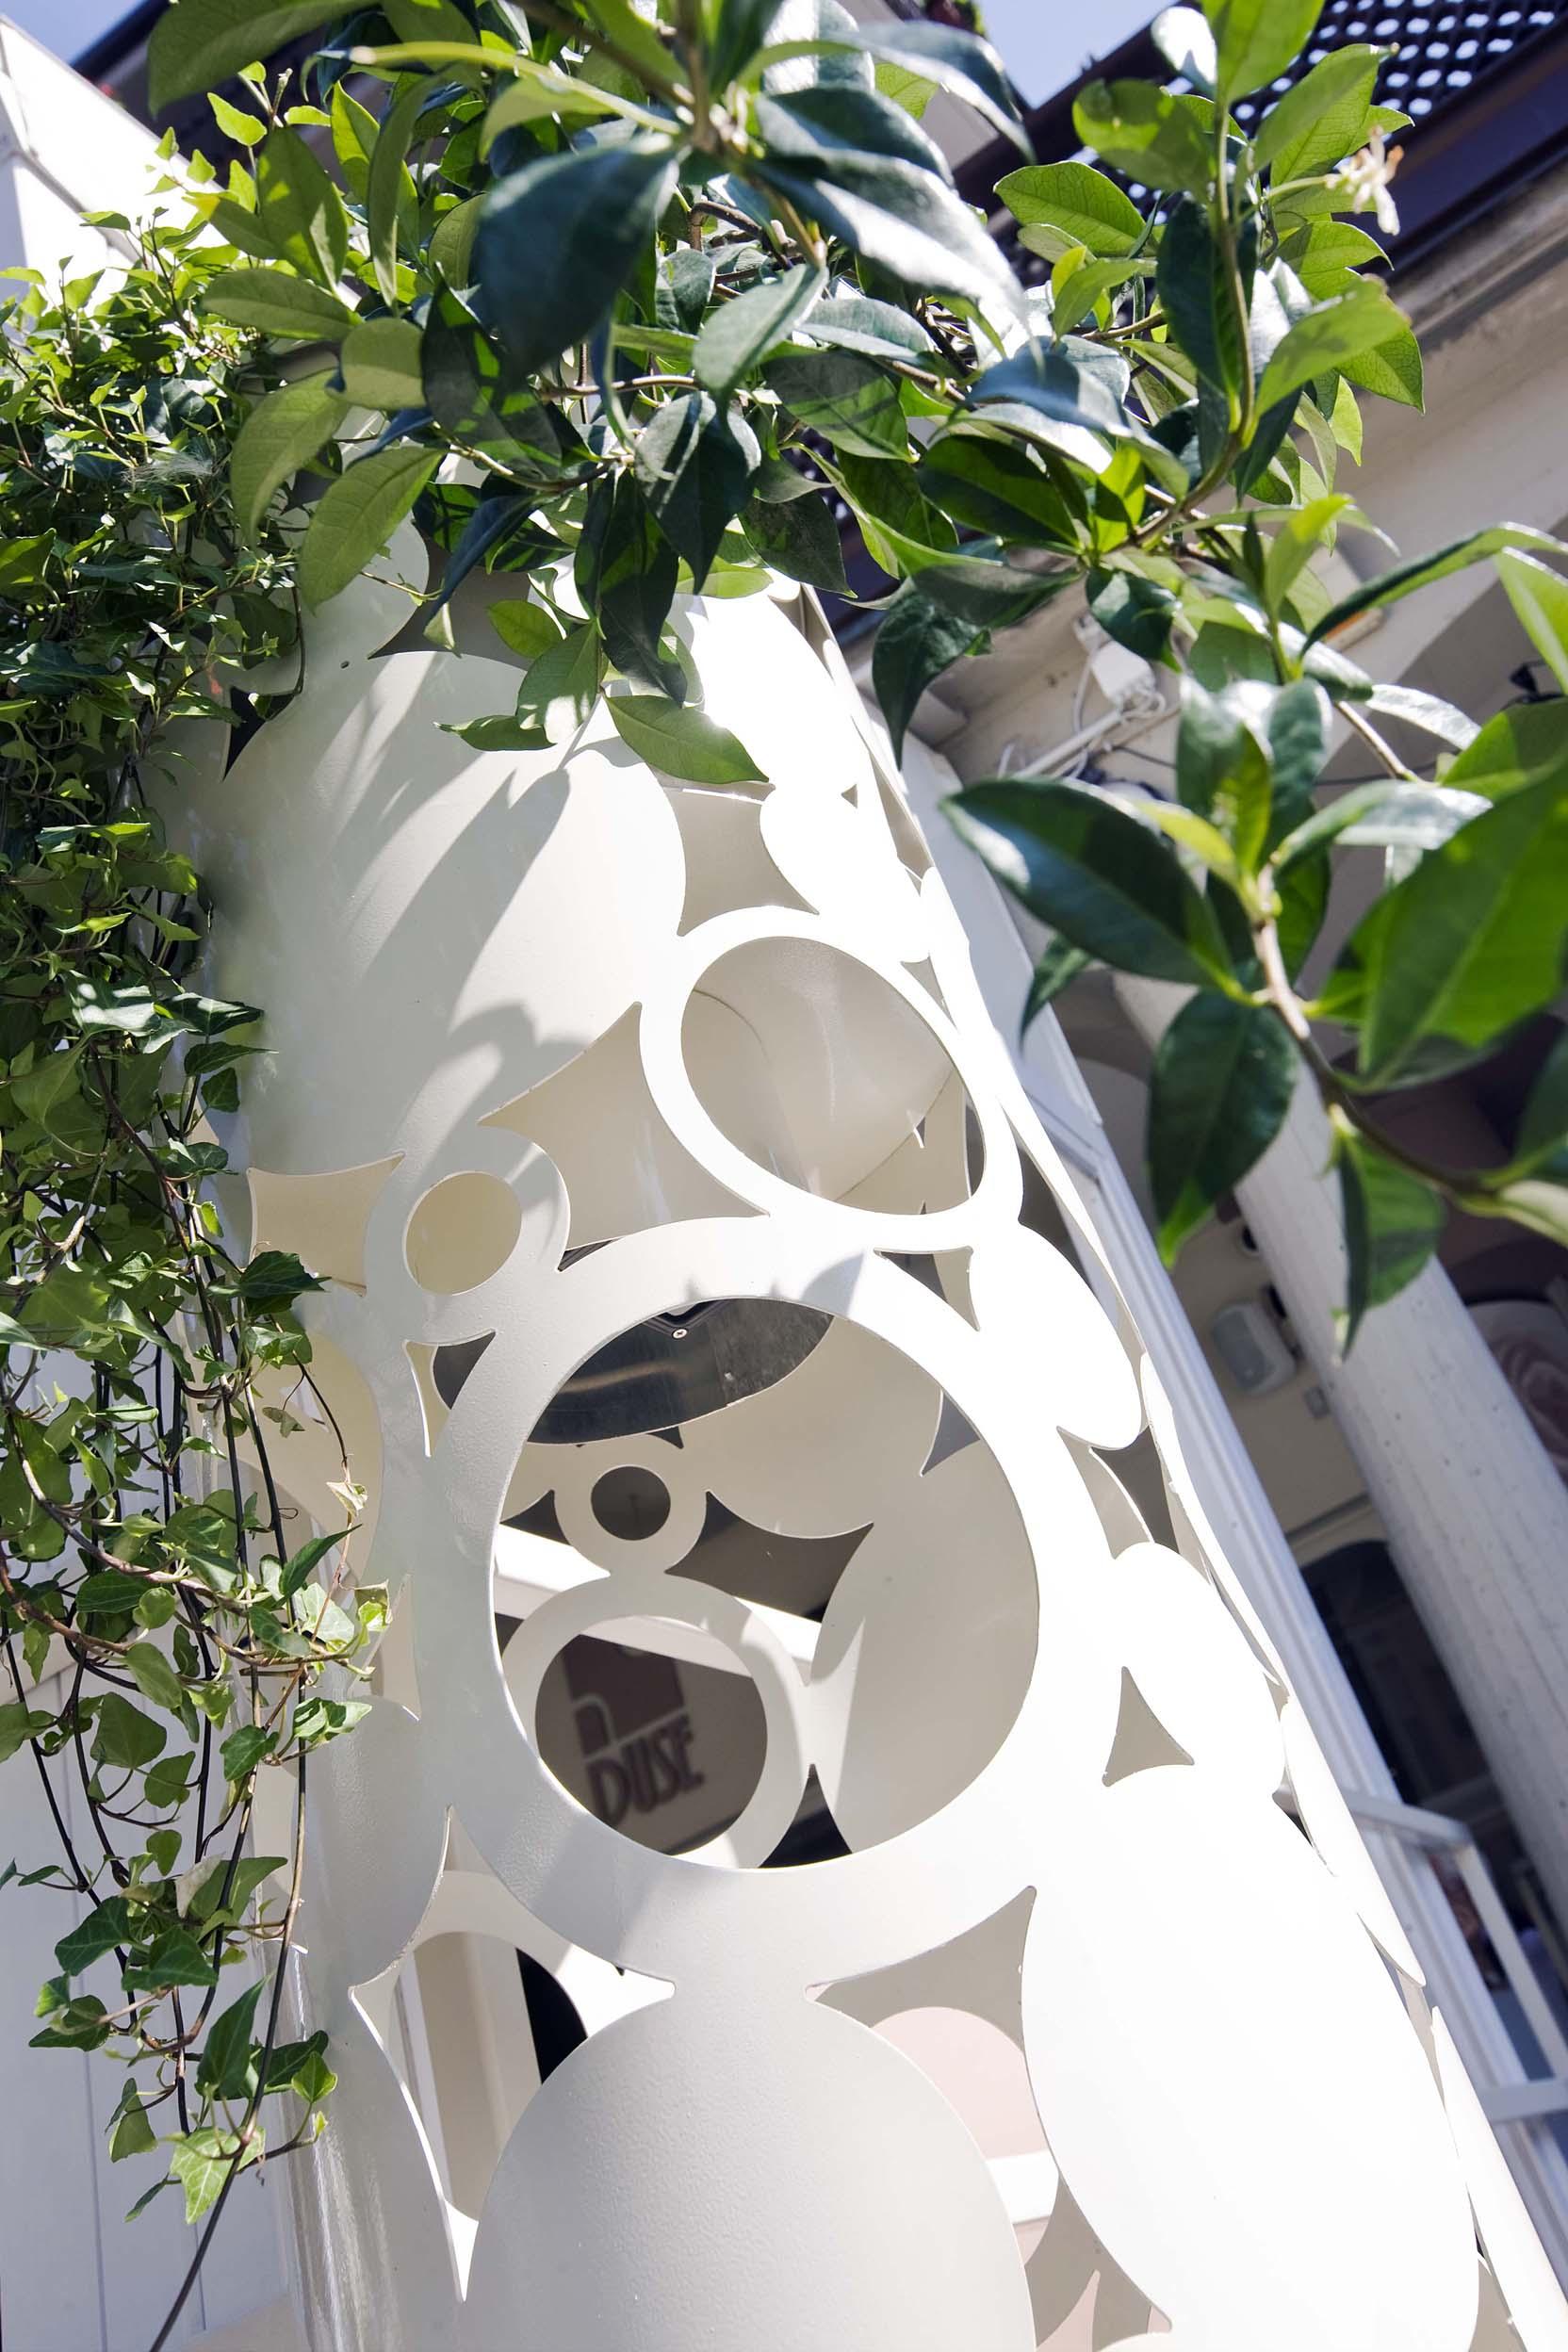 Studio-di-architettura-Baisotti-Sigala-prgetti235